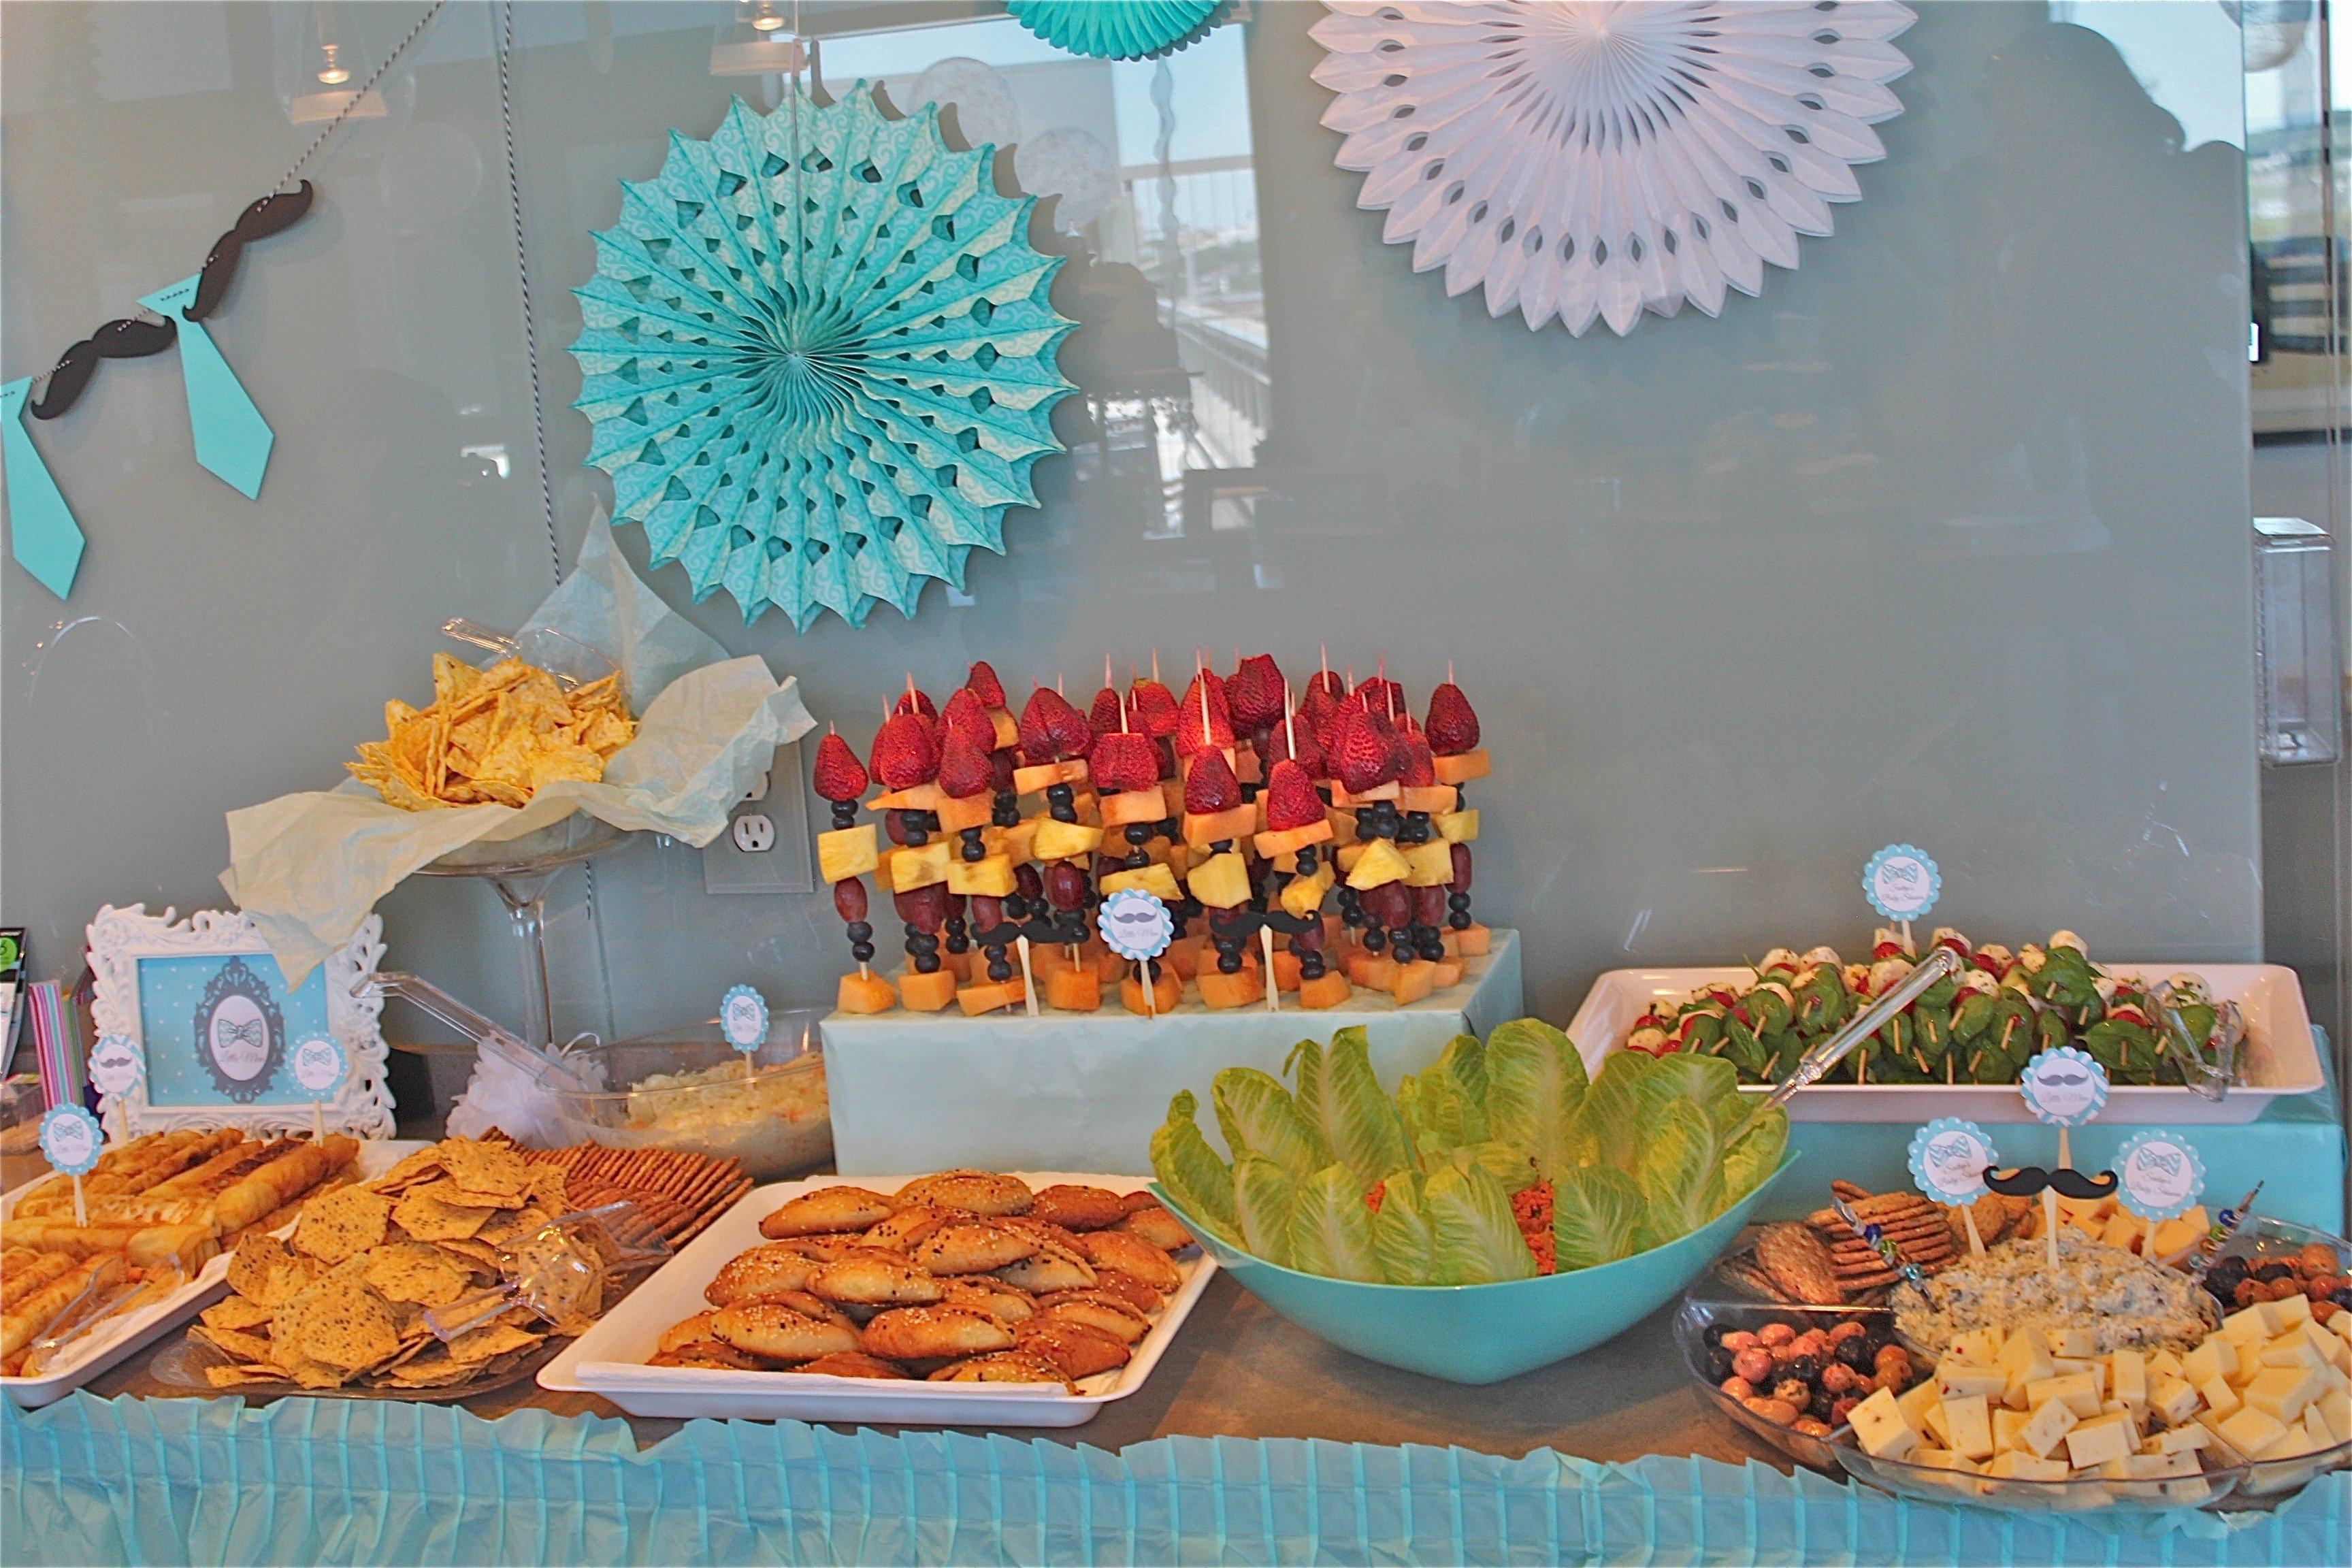 10 Attractive Unique Baby Shower Food Ideas baby shower food ideas boy omega center ideas for baby 2021